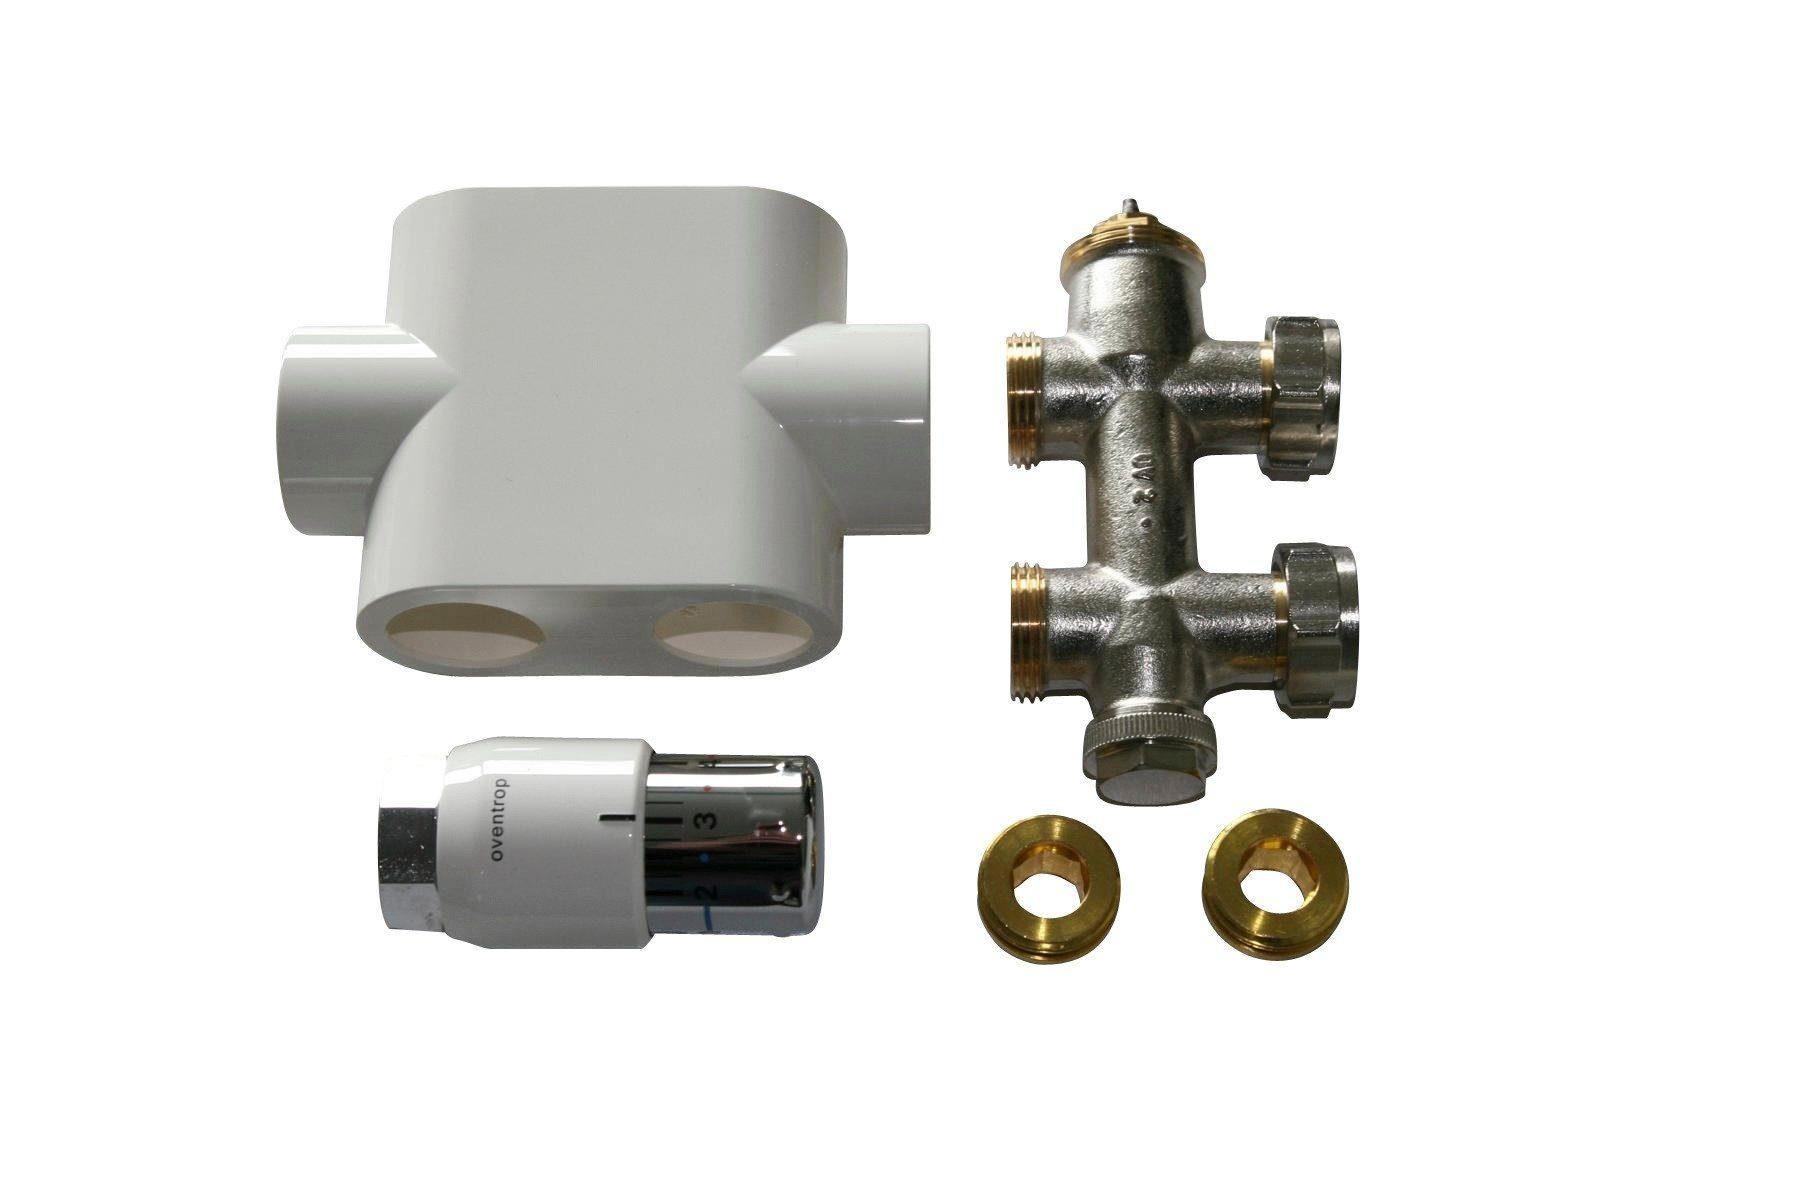 Sz Metall Badheizkörper Durchgangsanschluss »Universal«, weiß